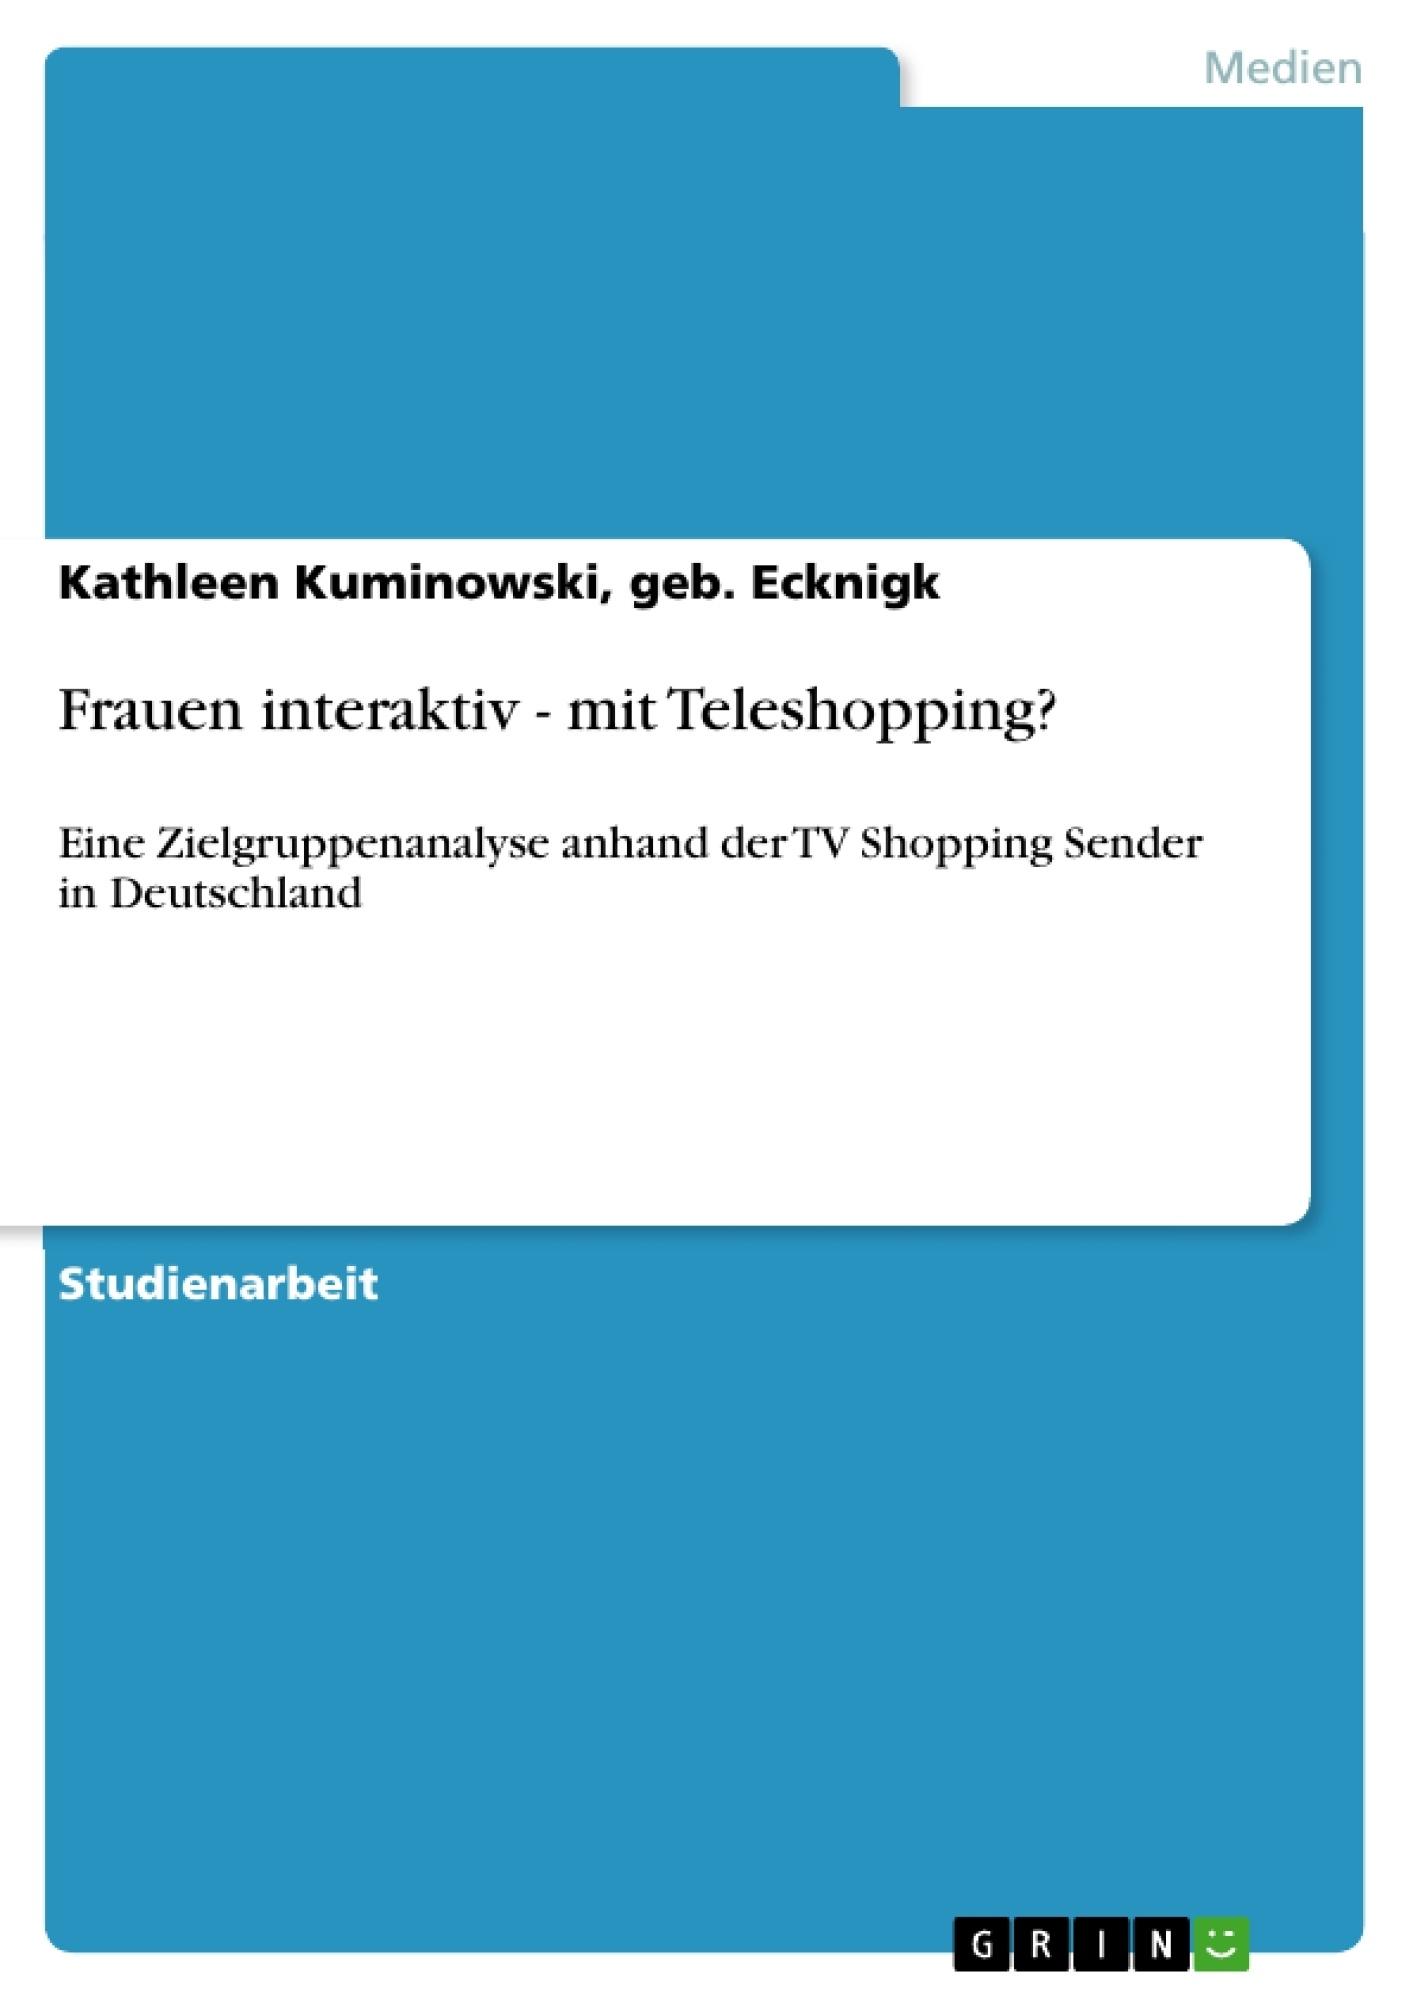 Titel: Frauen interaktiv - mit Teleshopping?